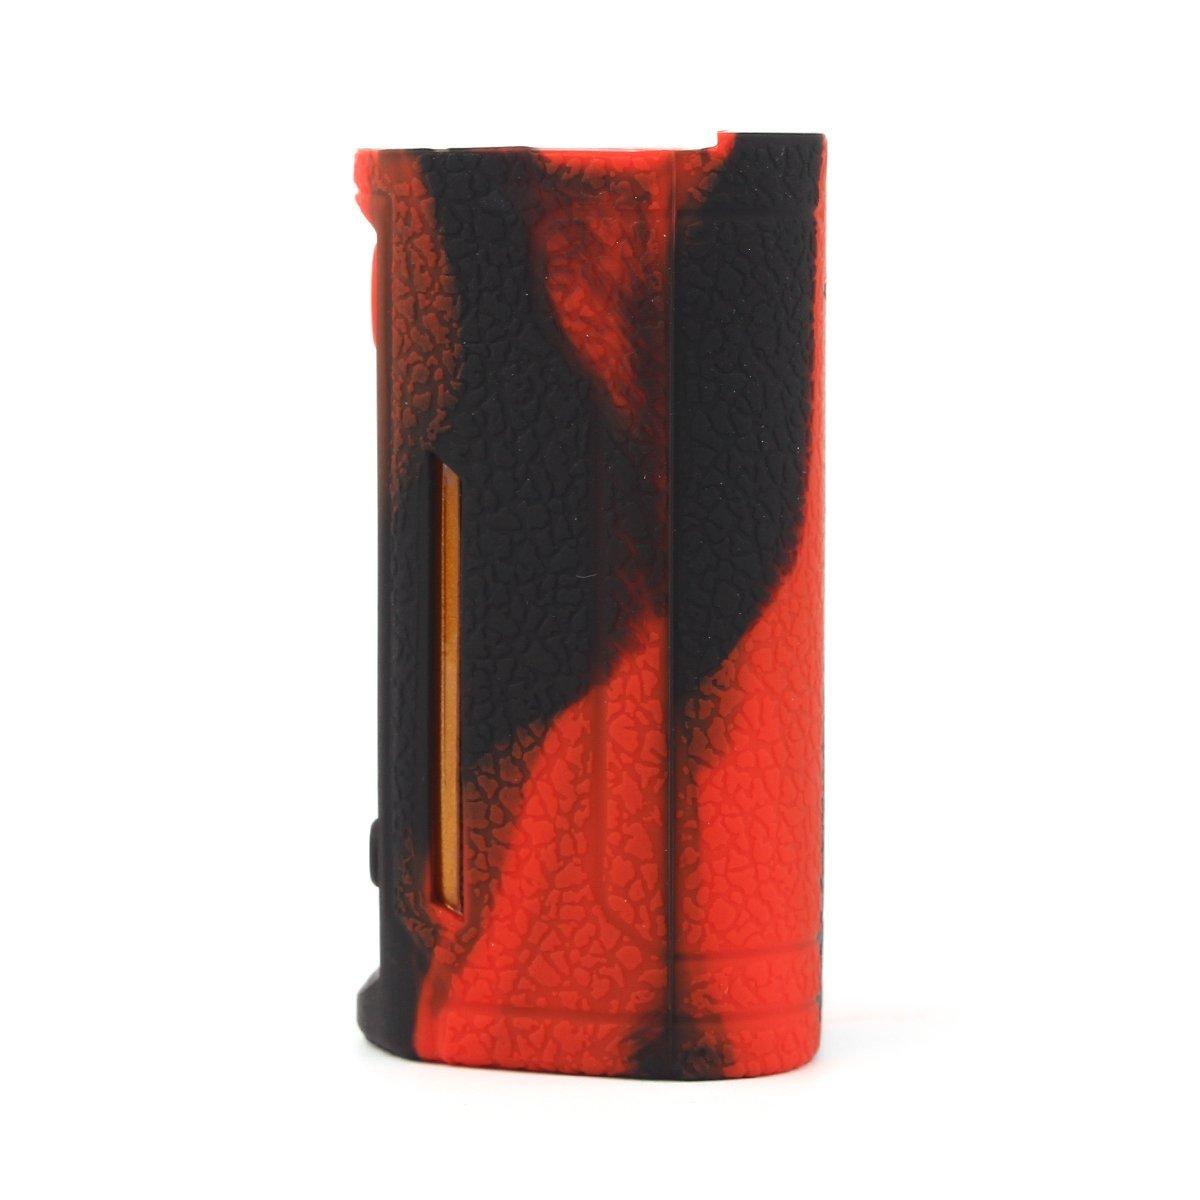 RutschfestSch/ützende Silikon-H/ülle-Abdeckungs-Verpackungs-Haut f/ür Wismec RX Gen3 Dual 230w Segeln Skin /Ärmel Case Cover Blaugr/ünes Blau CEOKS f/ür Wismec RX Gen3 Dual 230w H/ülle